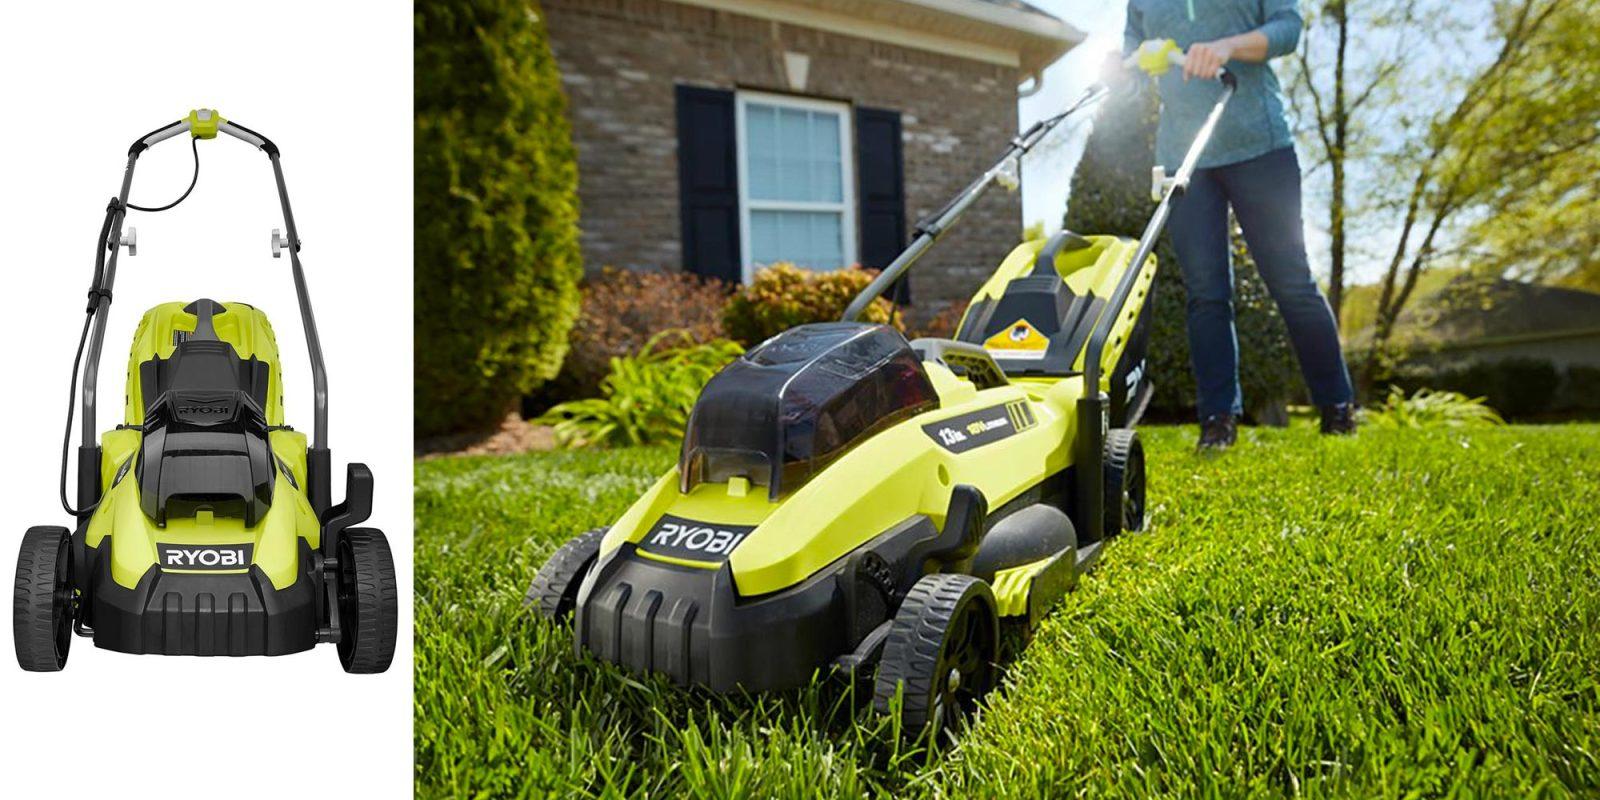 Green Deals: Ryobi 13-inch 18V Electric Lawn Mower $149 (Reg